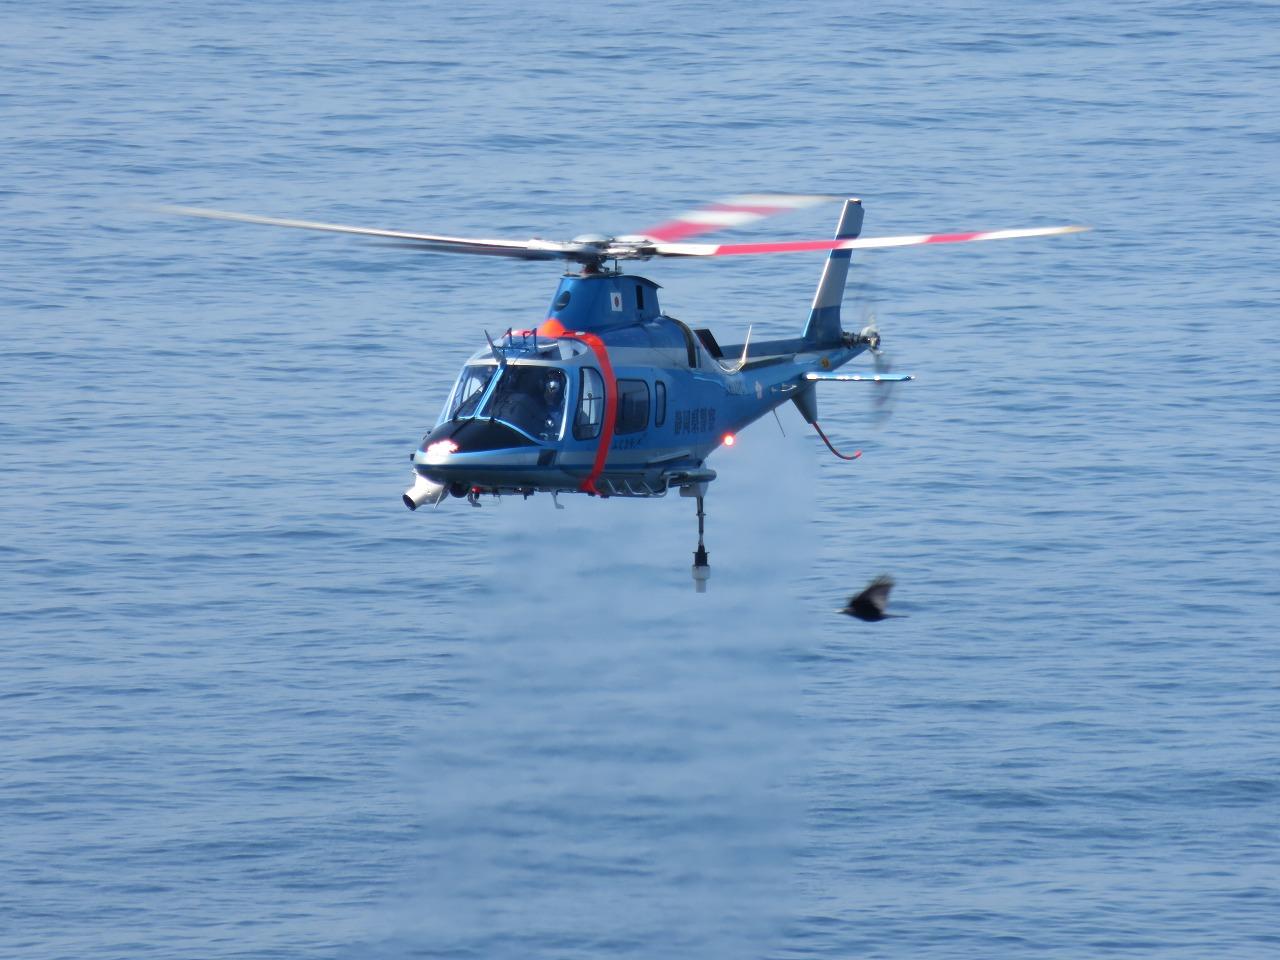 ヘリコプター2